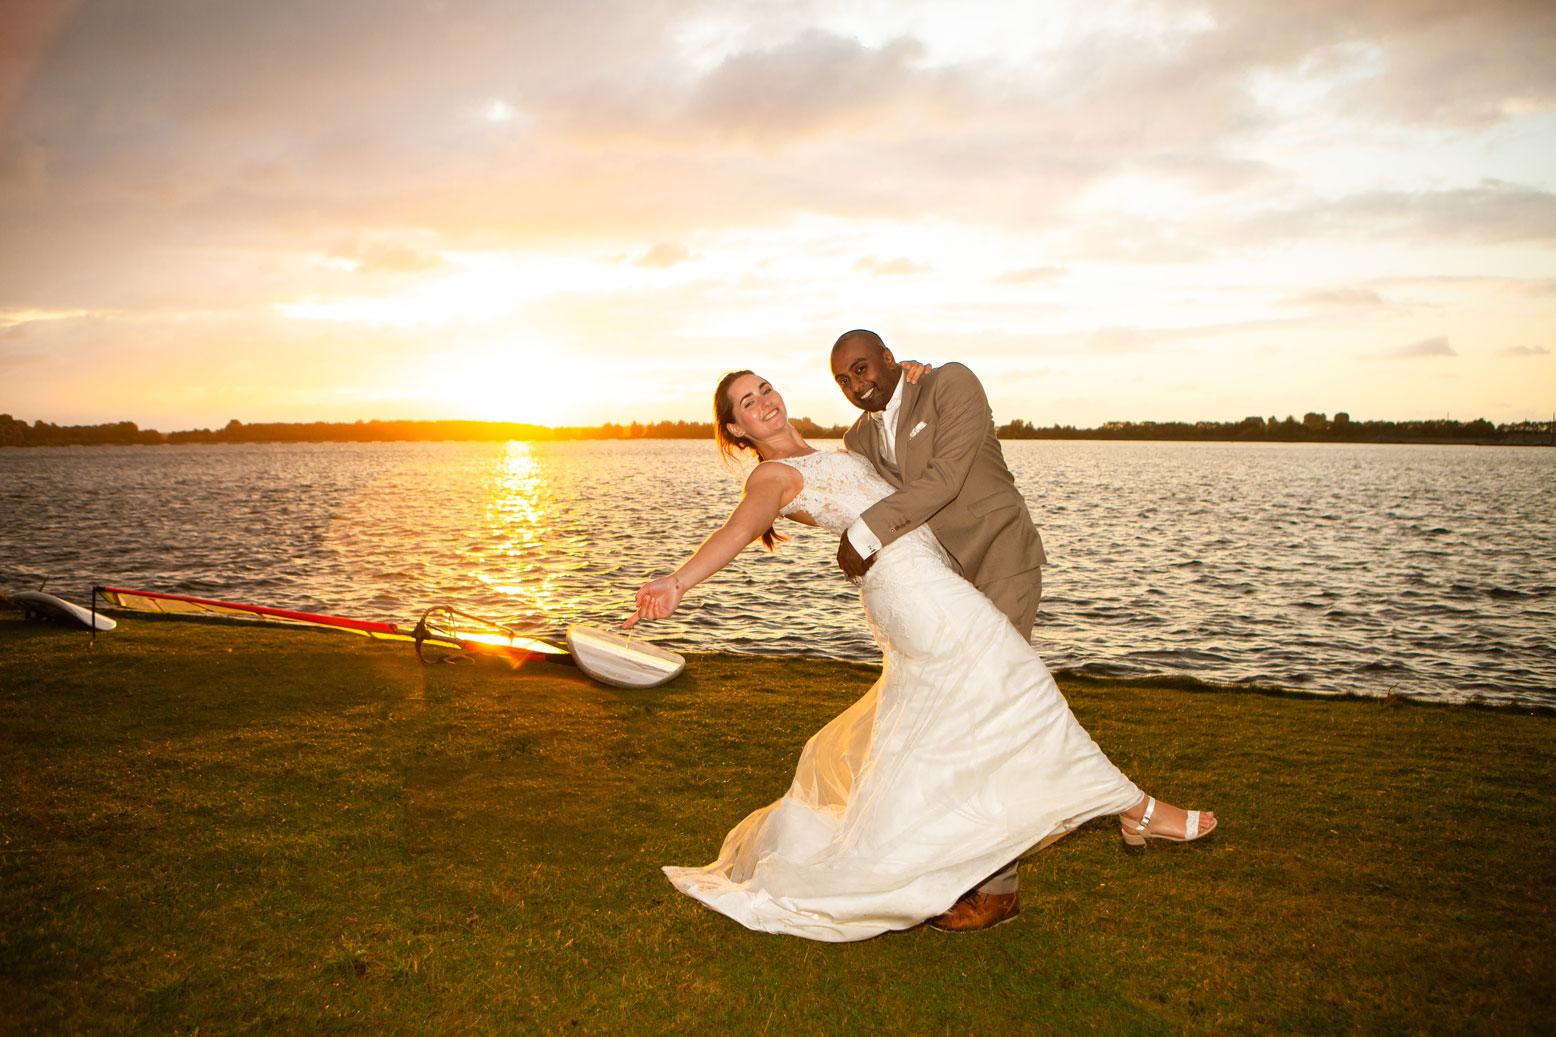 creatieve trouwfotograaf bruidspaar aan het water bij zonsondergang Valkenburgse Meer